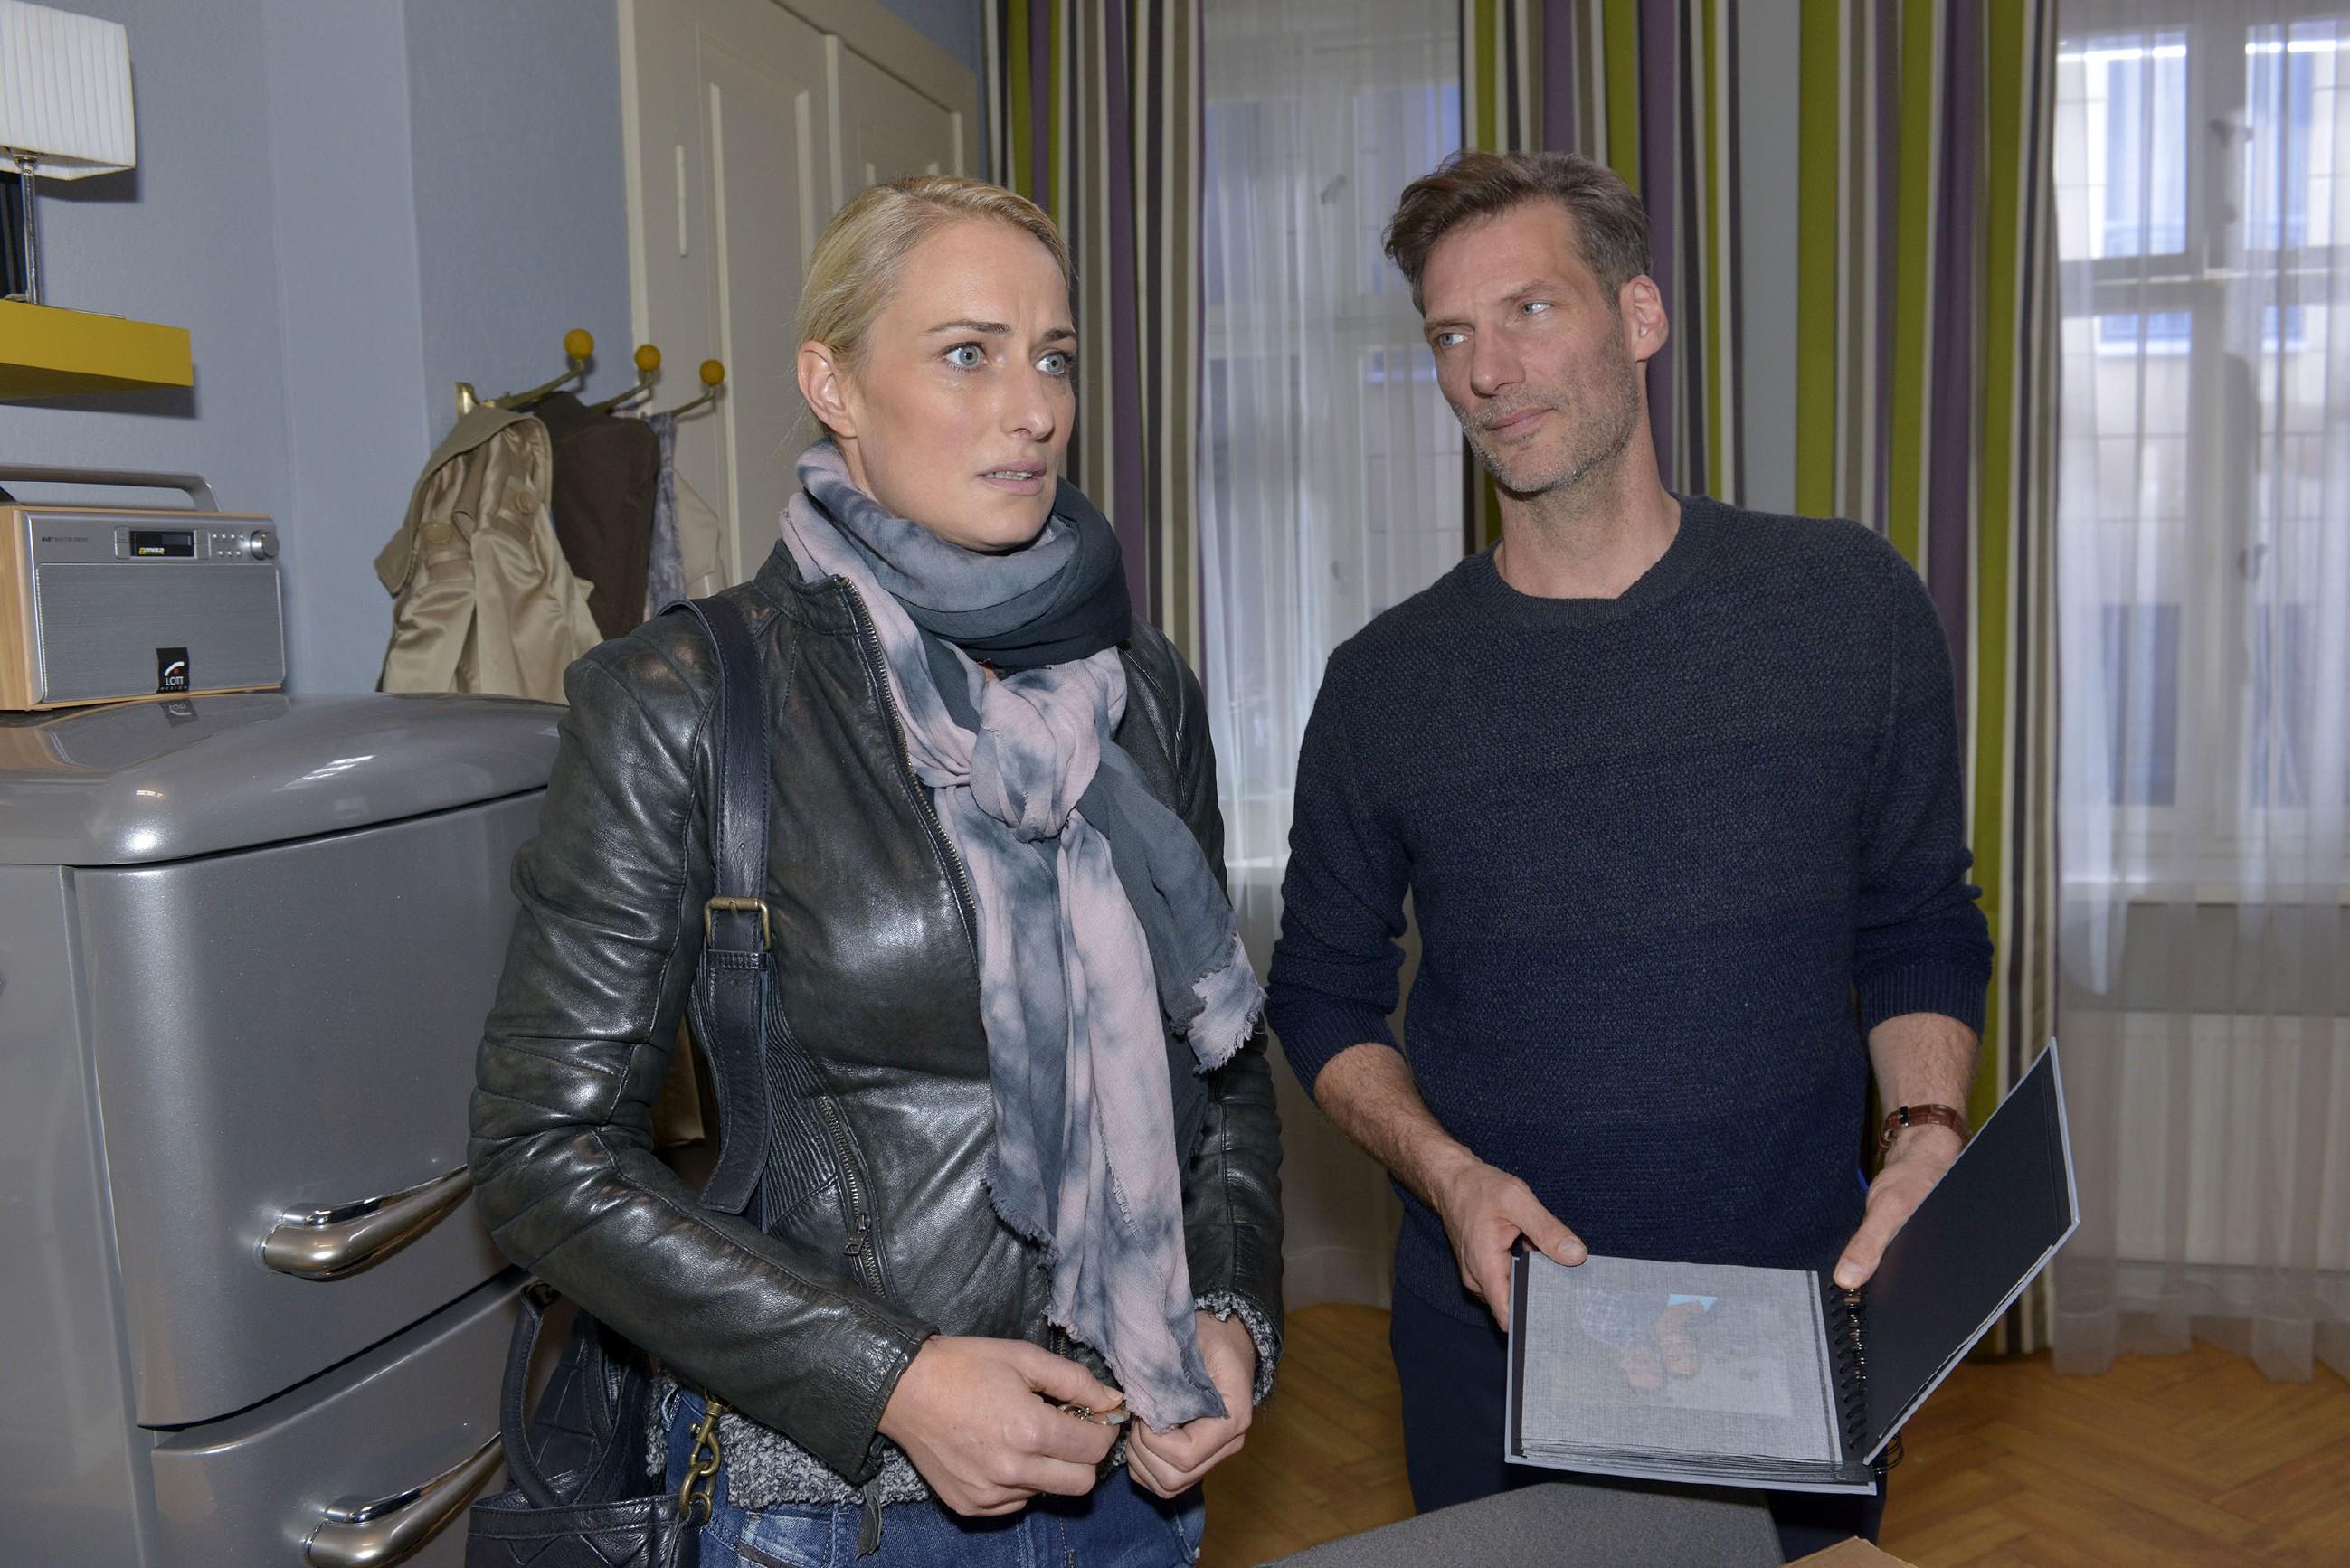 Alexander (Clemens Löhr) hat nach Marens (Eva Mona Rodekirchen) Abfuhr ein Jobangebot in LA angenommen, um woanders neu durchzustarten. Nun wird ihr plötzlich klar, dass Alexander dabei ist, für immer aus ihrem Leben zu verschwinden... (Quelle: RTL / Rolf Baumgartner)